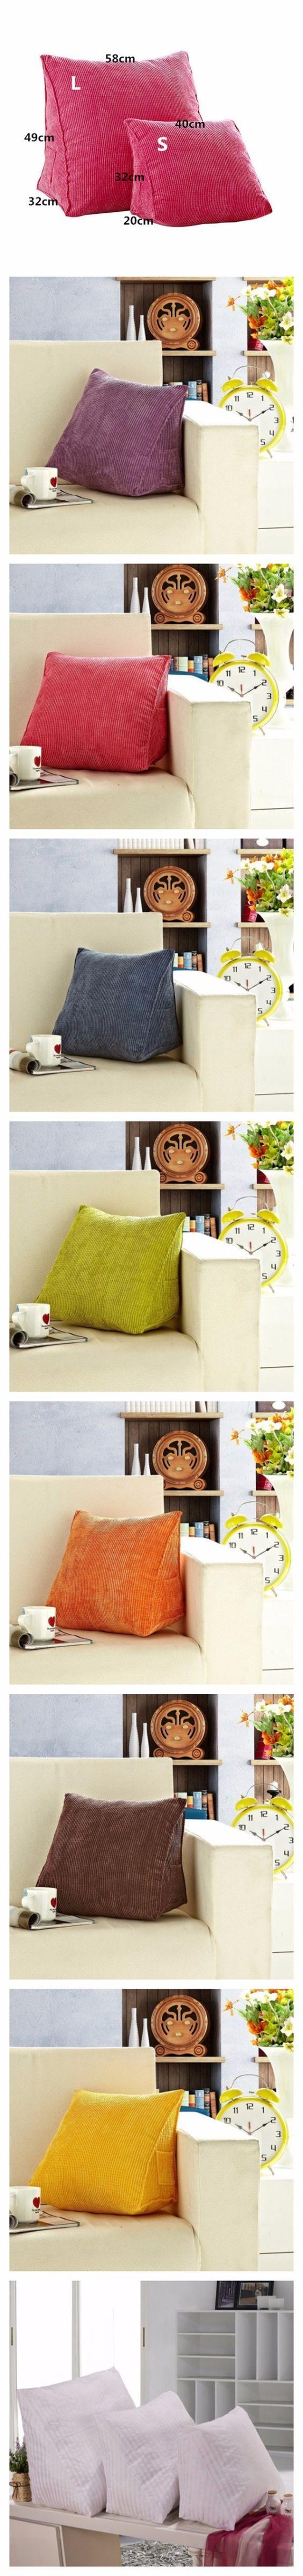 Какого цвета должна быть подушка на светлом диване.